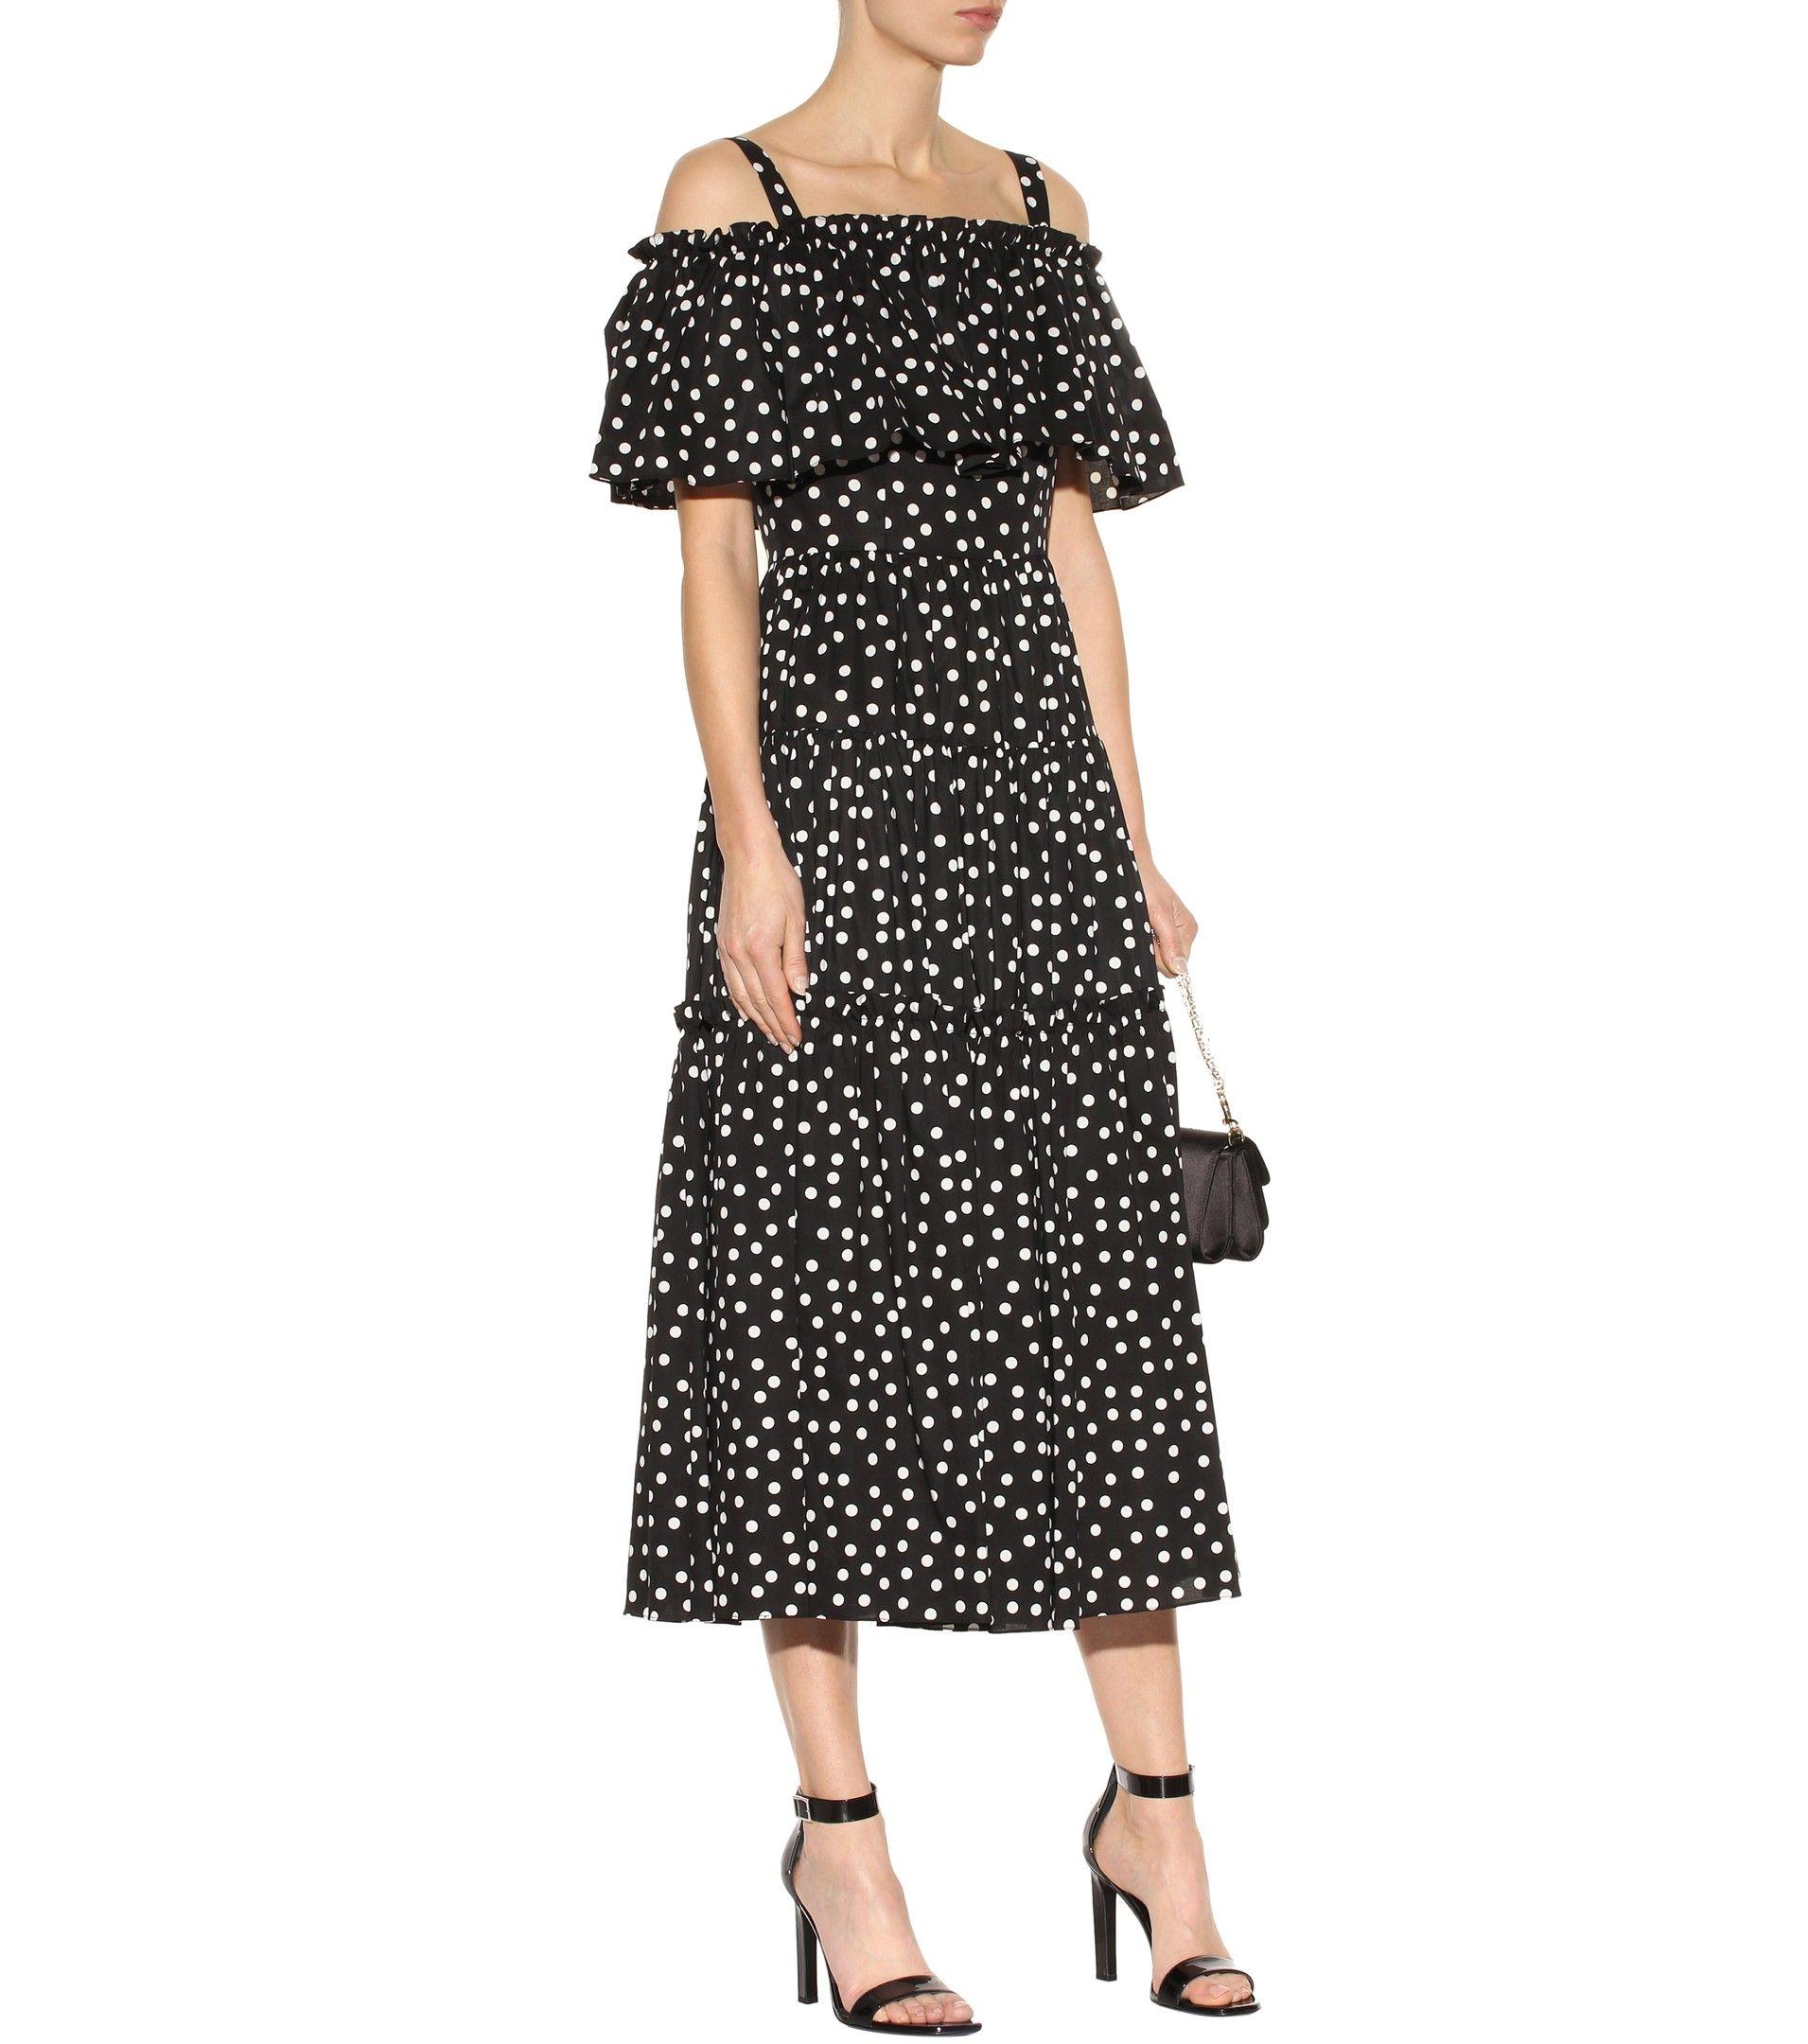 Schulterfreies Kleid aus Baumwolle Dolce & Gabbana s9OiORkm